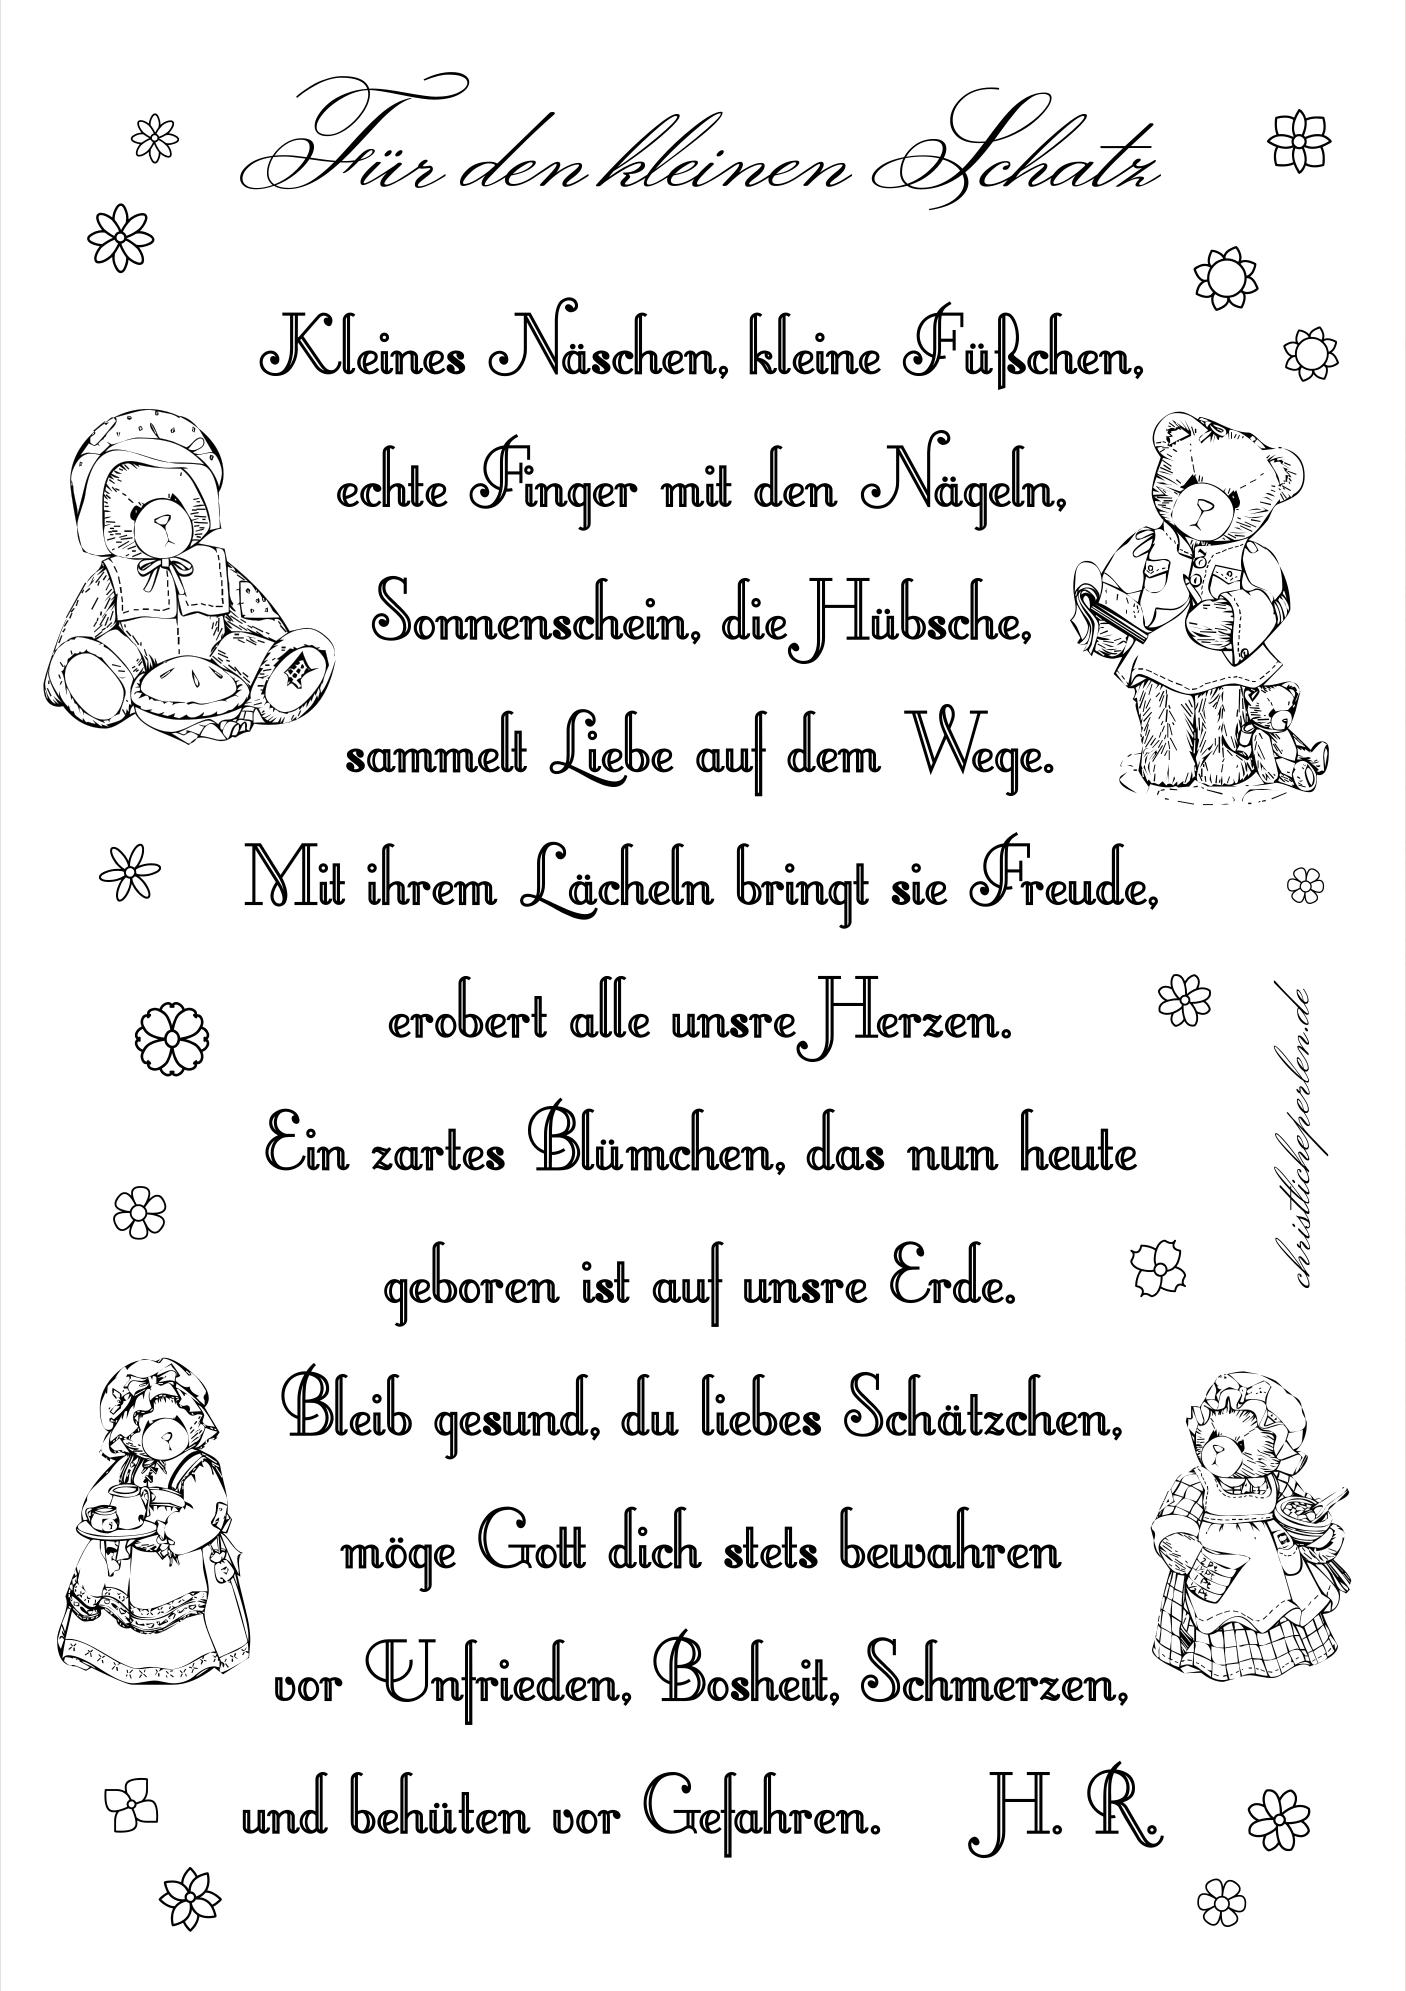 30 geburtstag gedicht von eltern